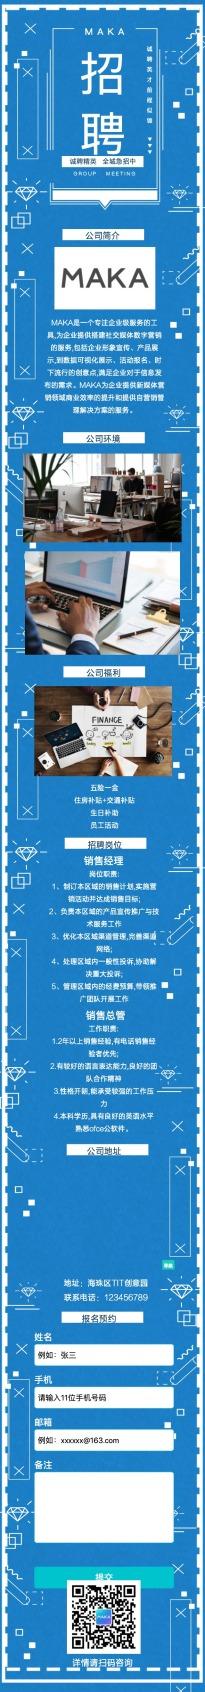 简约大气蓝色互联网企业招聘宣传推广单页